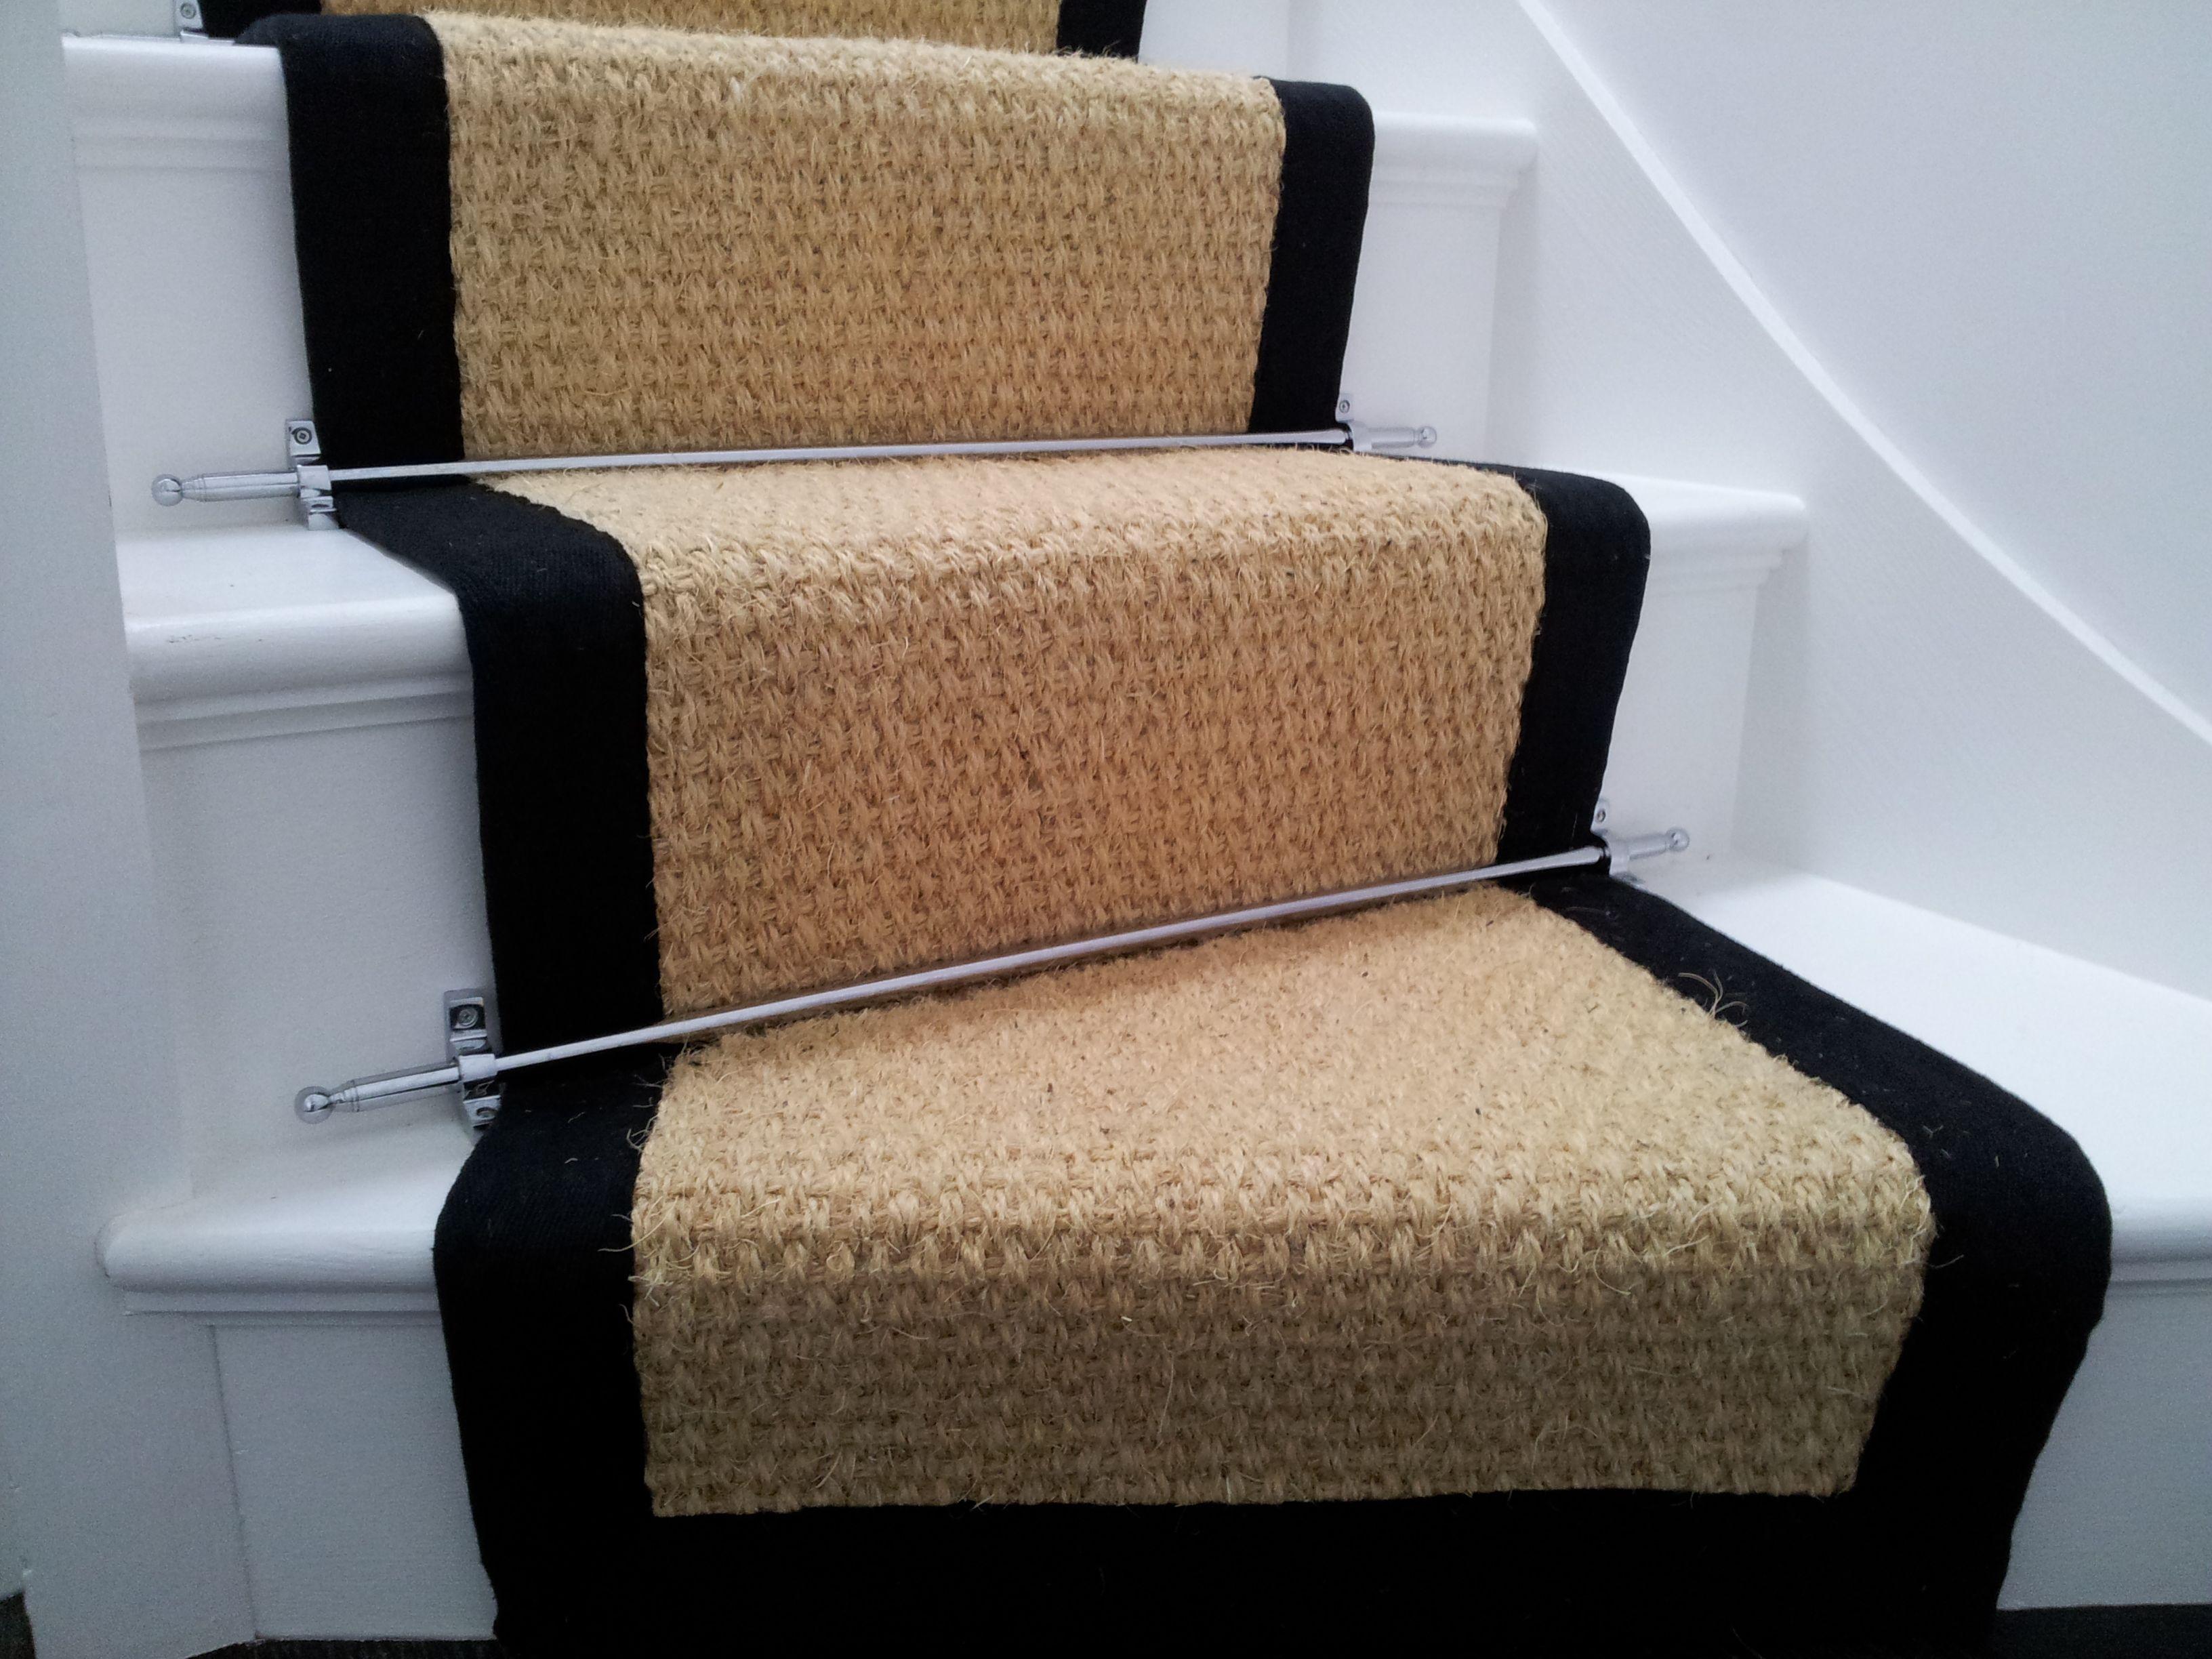 Cozy Seagrass Rug For Floor Decor Ideas: Stair Seagrass Rug With Black Trim For Stair Decor Ideas